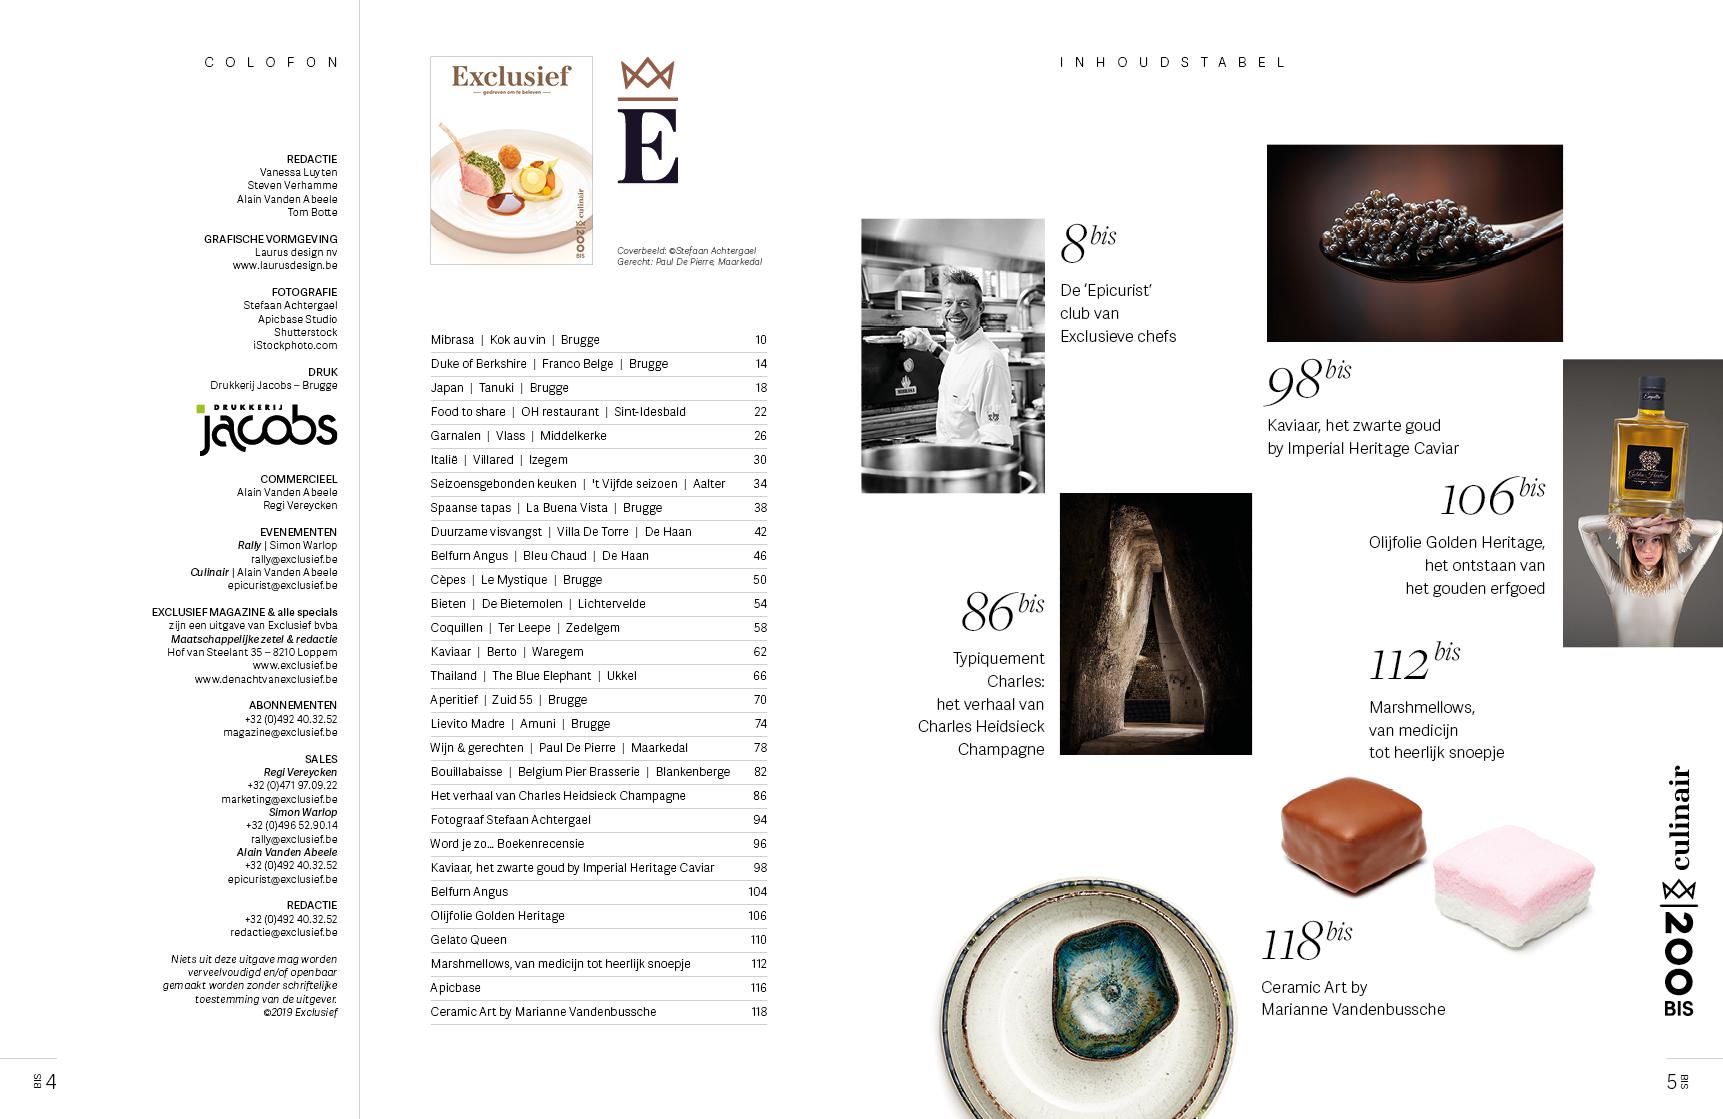 Colofon en inhoud voor Exclusief magazin